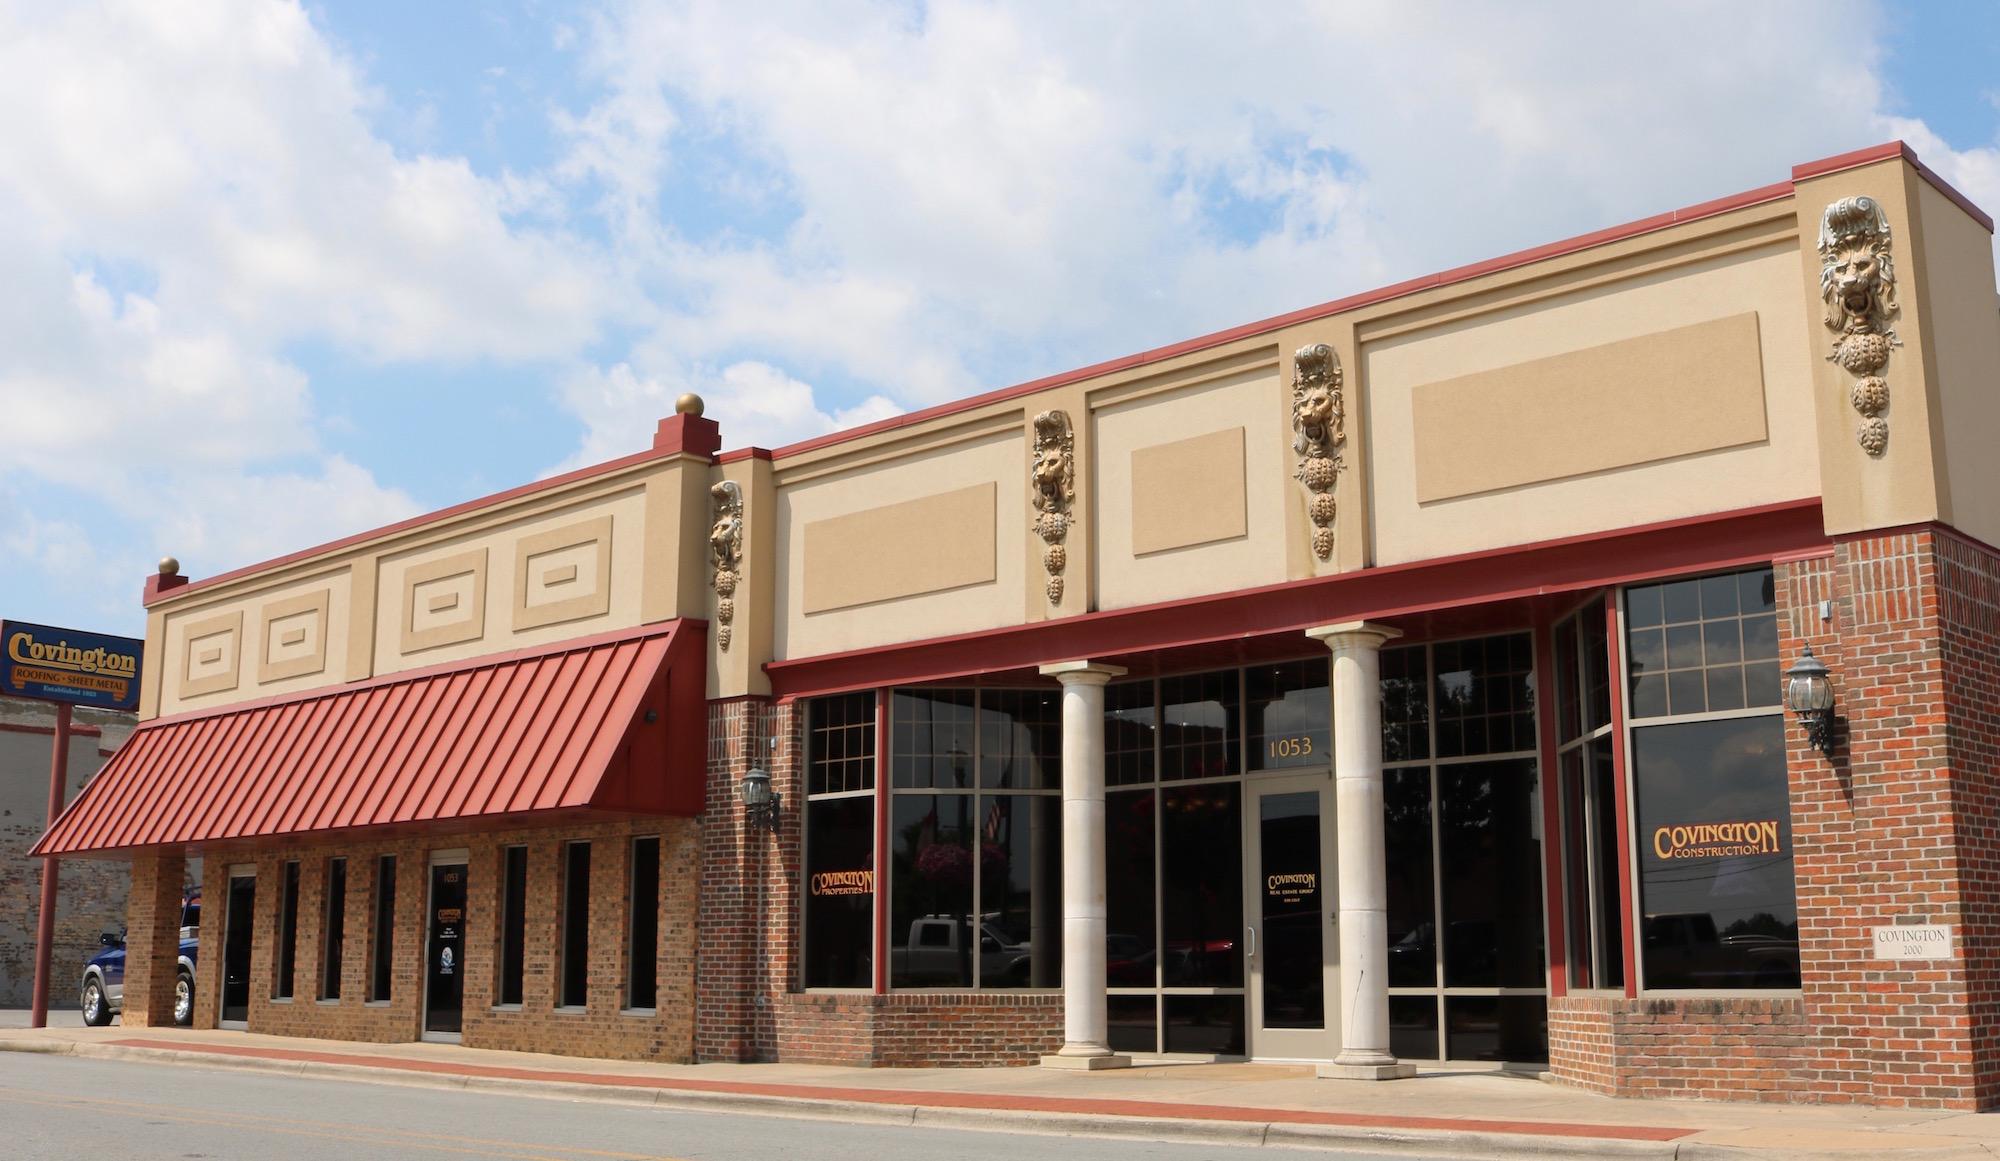 Covington Companies Serving Arkansas Since 1923